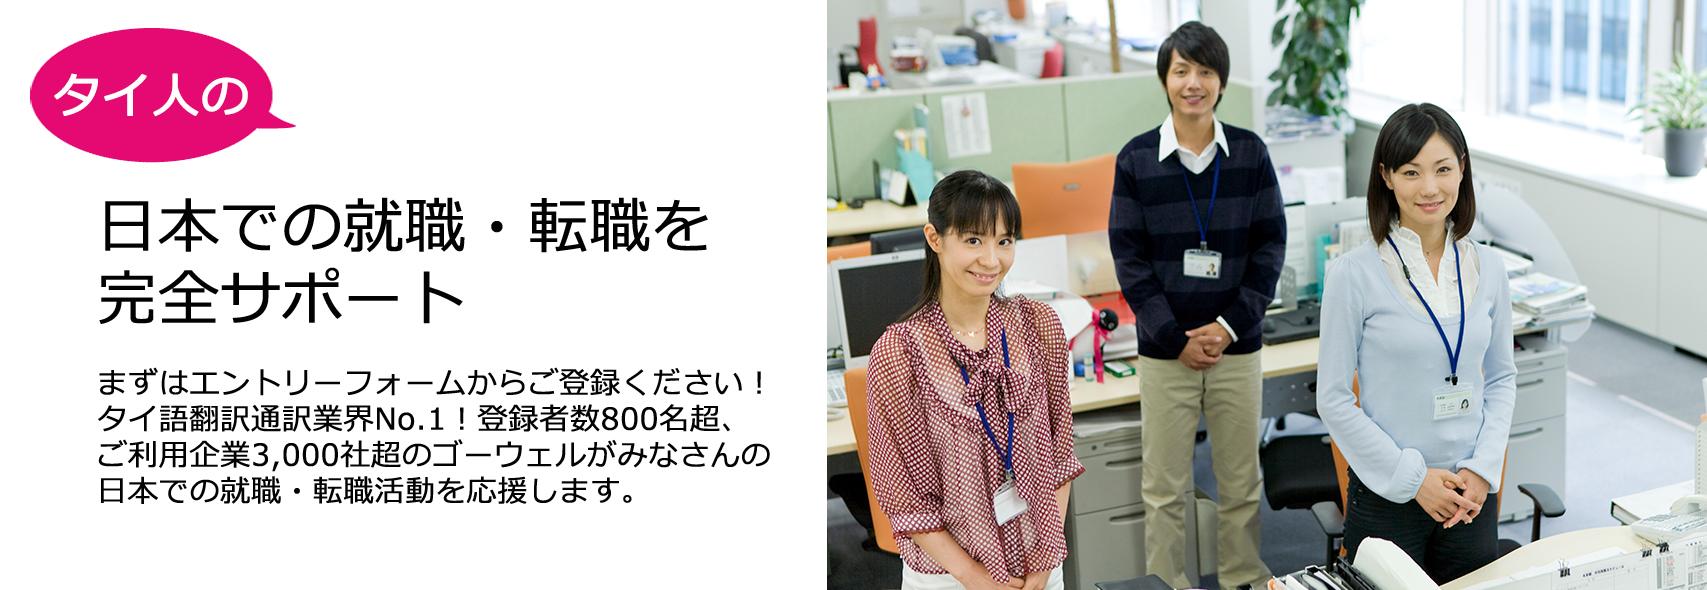 タイでの就職を考えてます。女33歳です。 - 日本で …